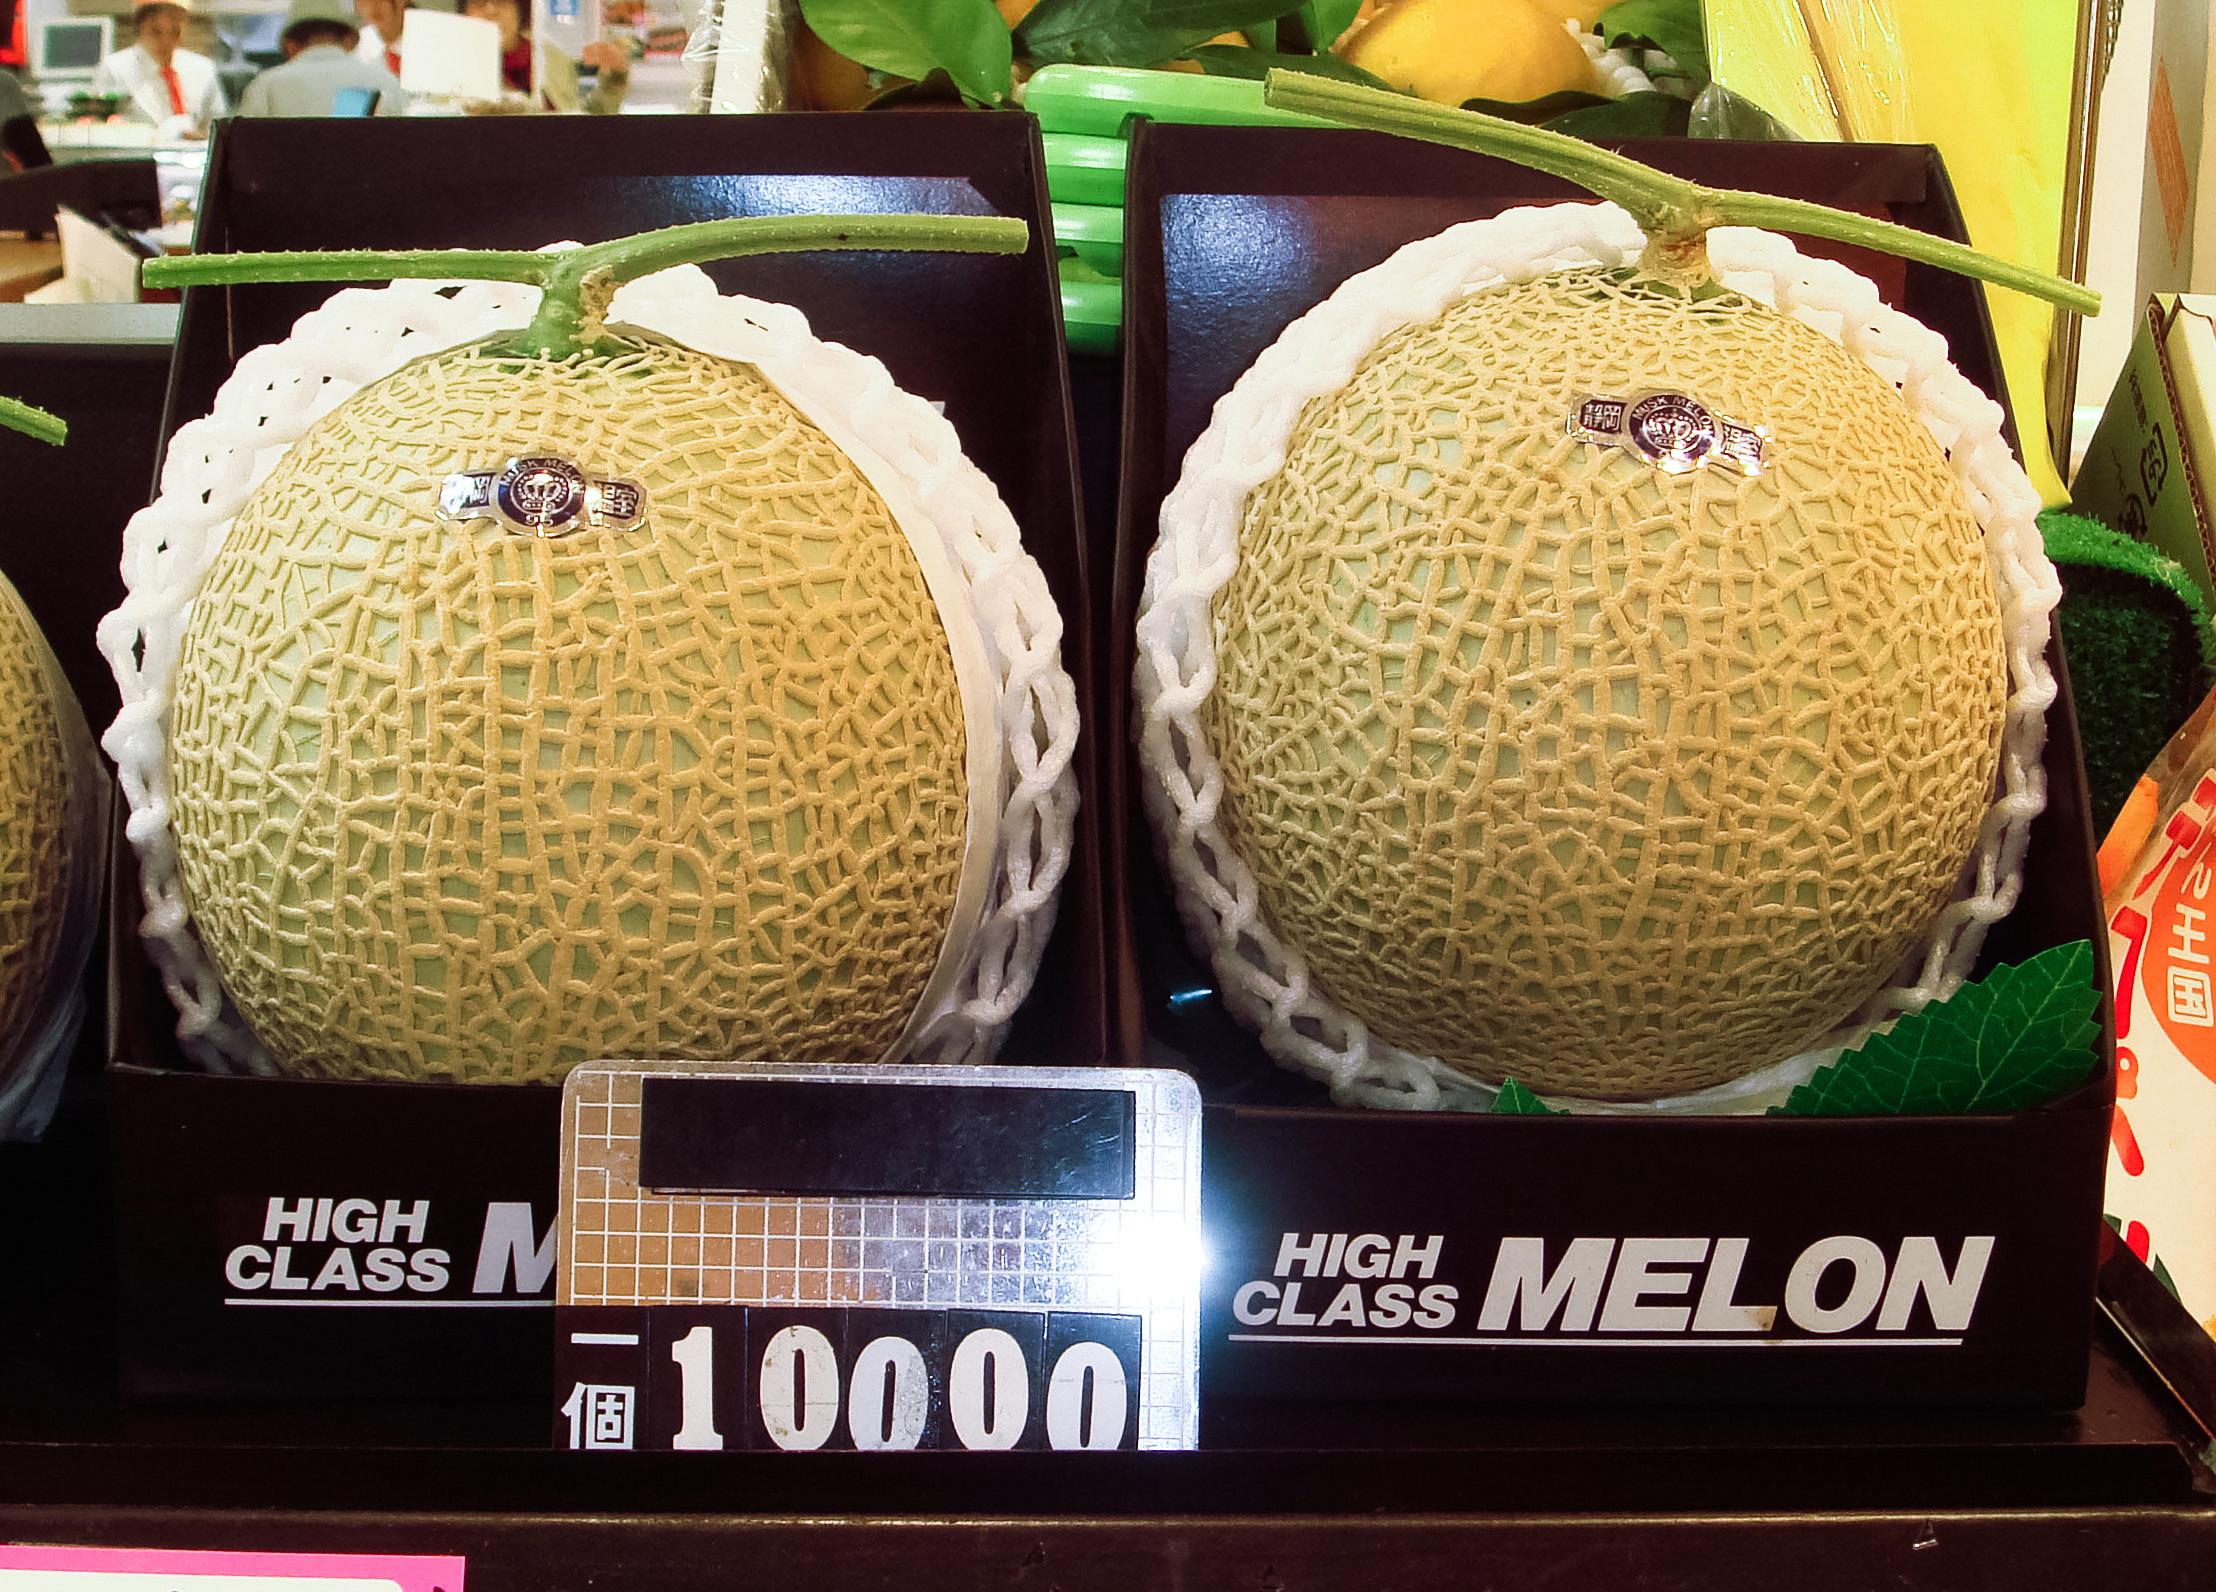 بطيخ melon ثمنه 10 آلاف ين للقطعة  مخصص لتقديمه كهدايا. 20080317-100-dollar-muskmelon